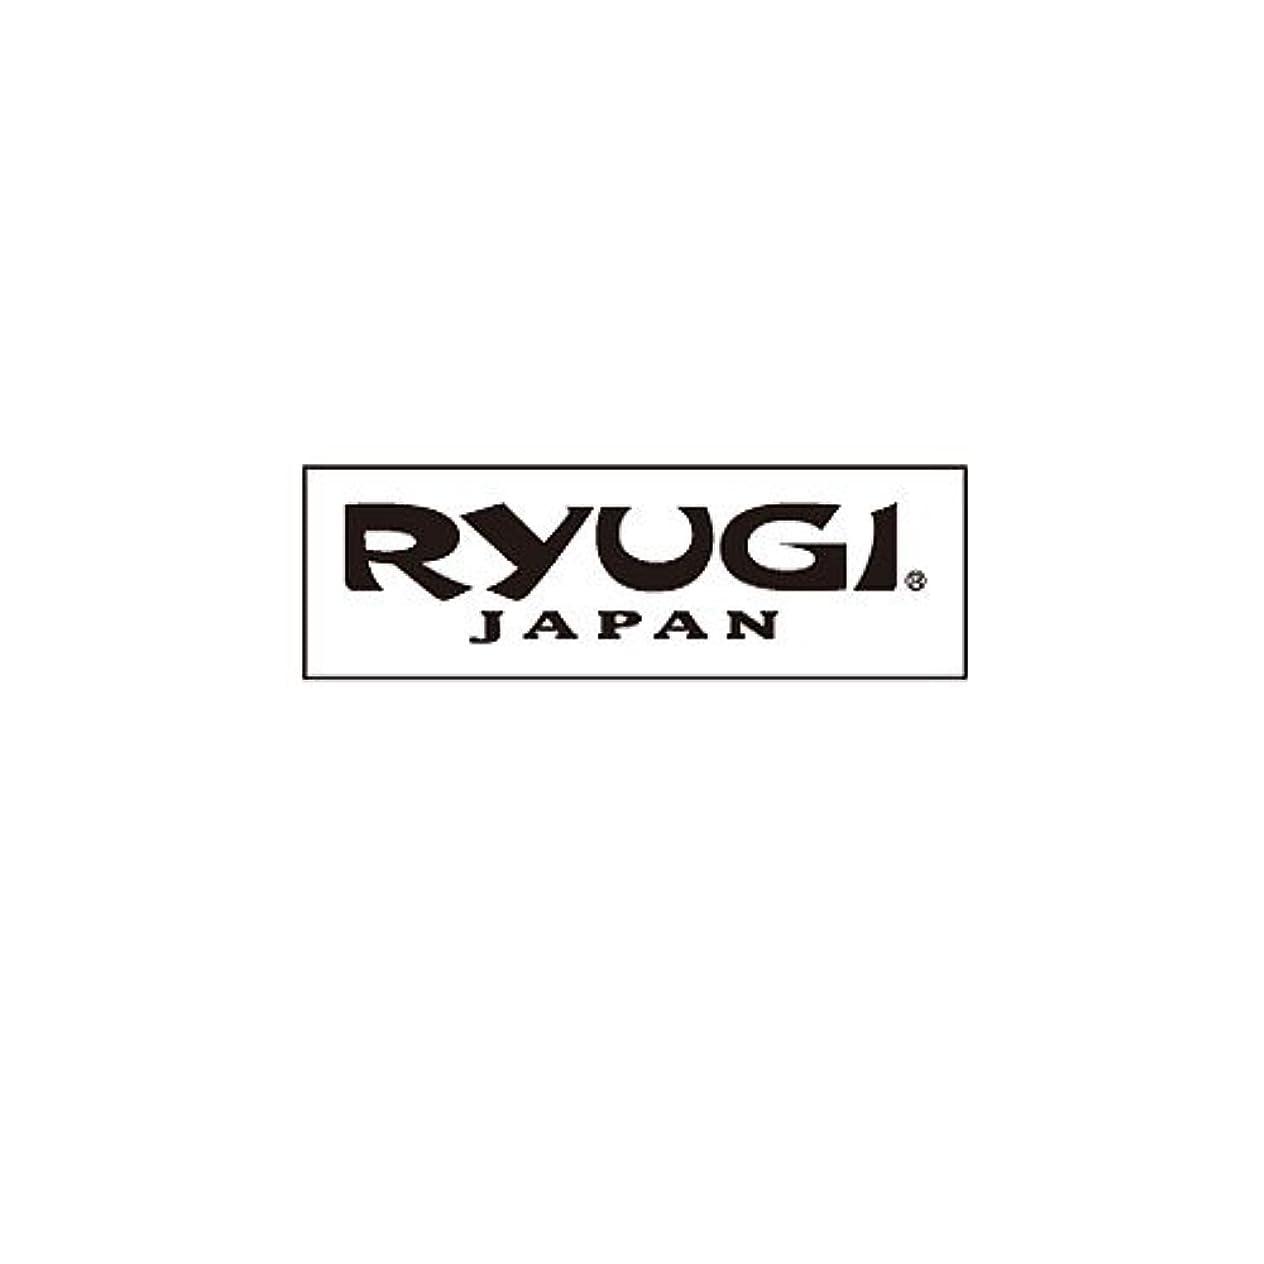 カップル羽船リューギ カッティングステッカー Sサイズ Ryugi